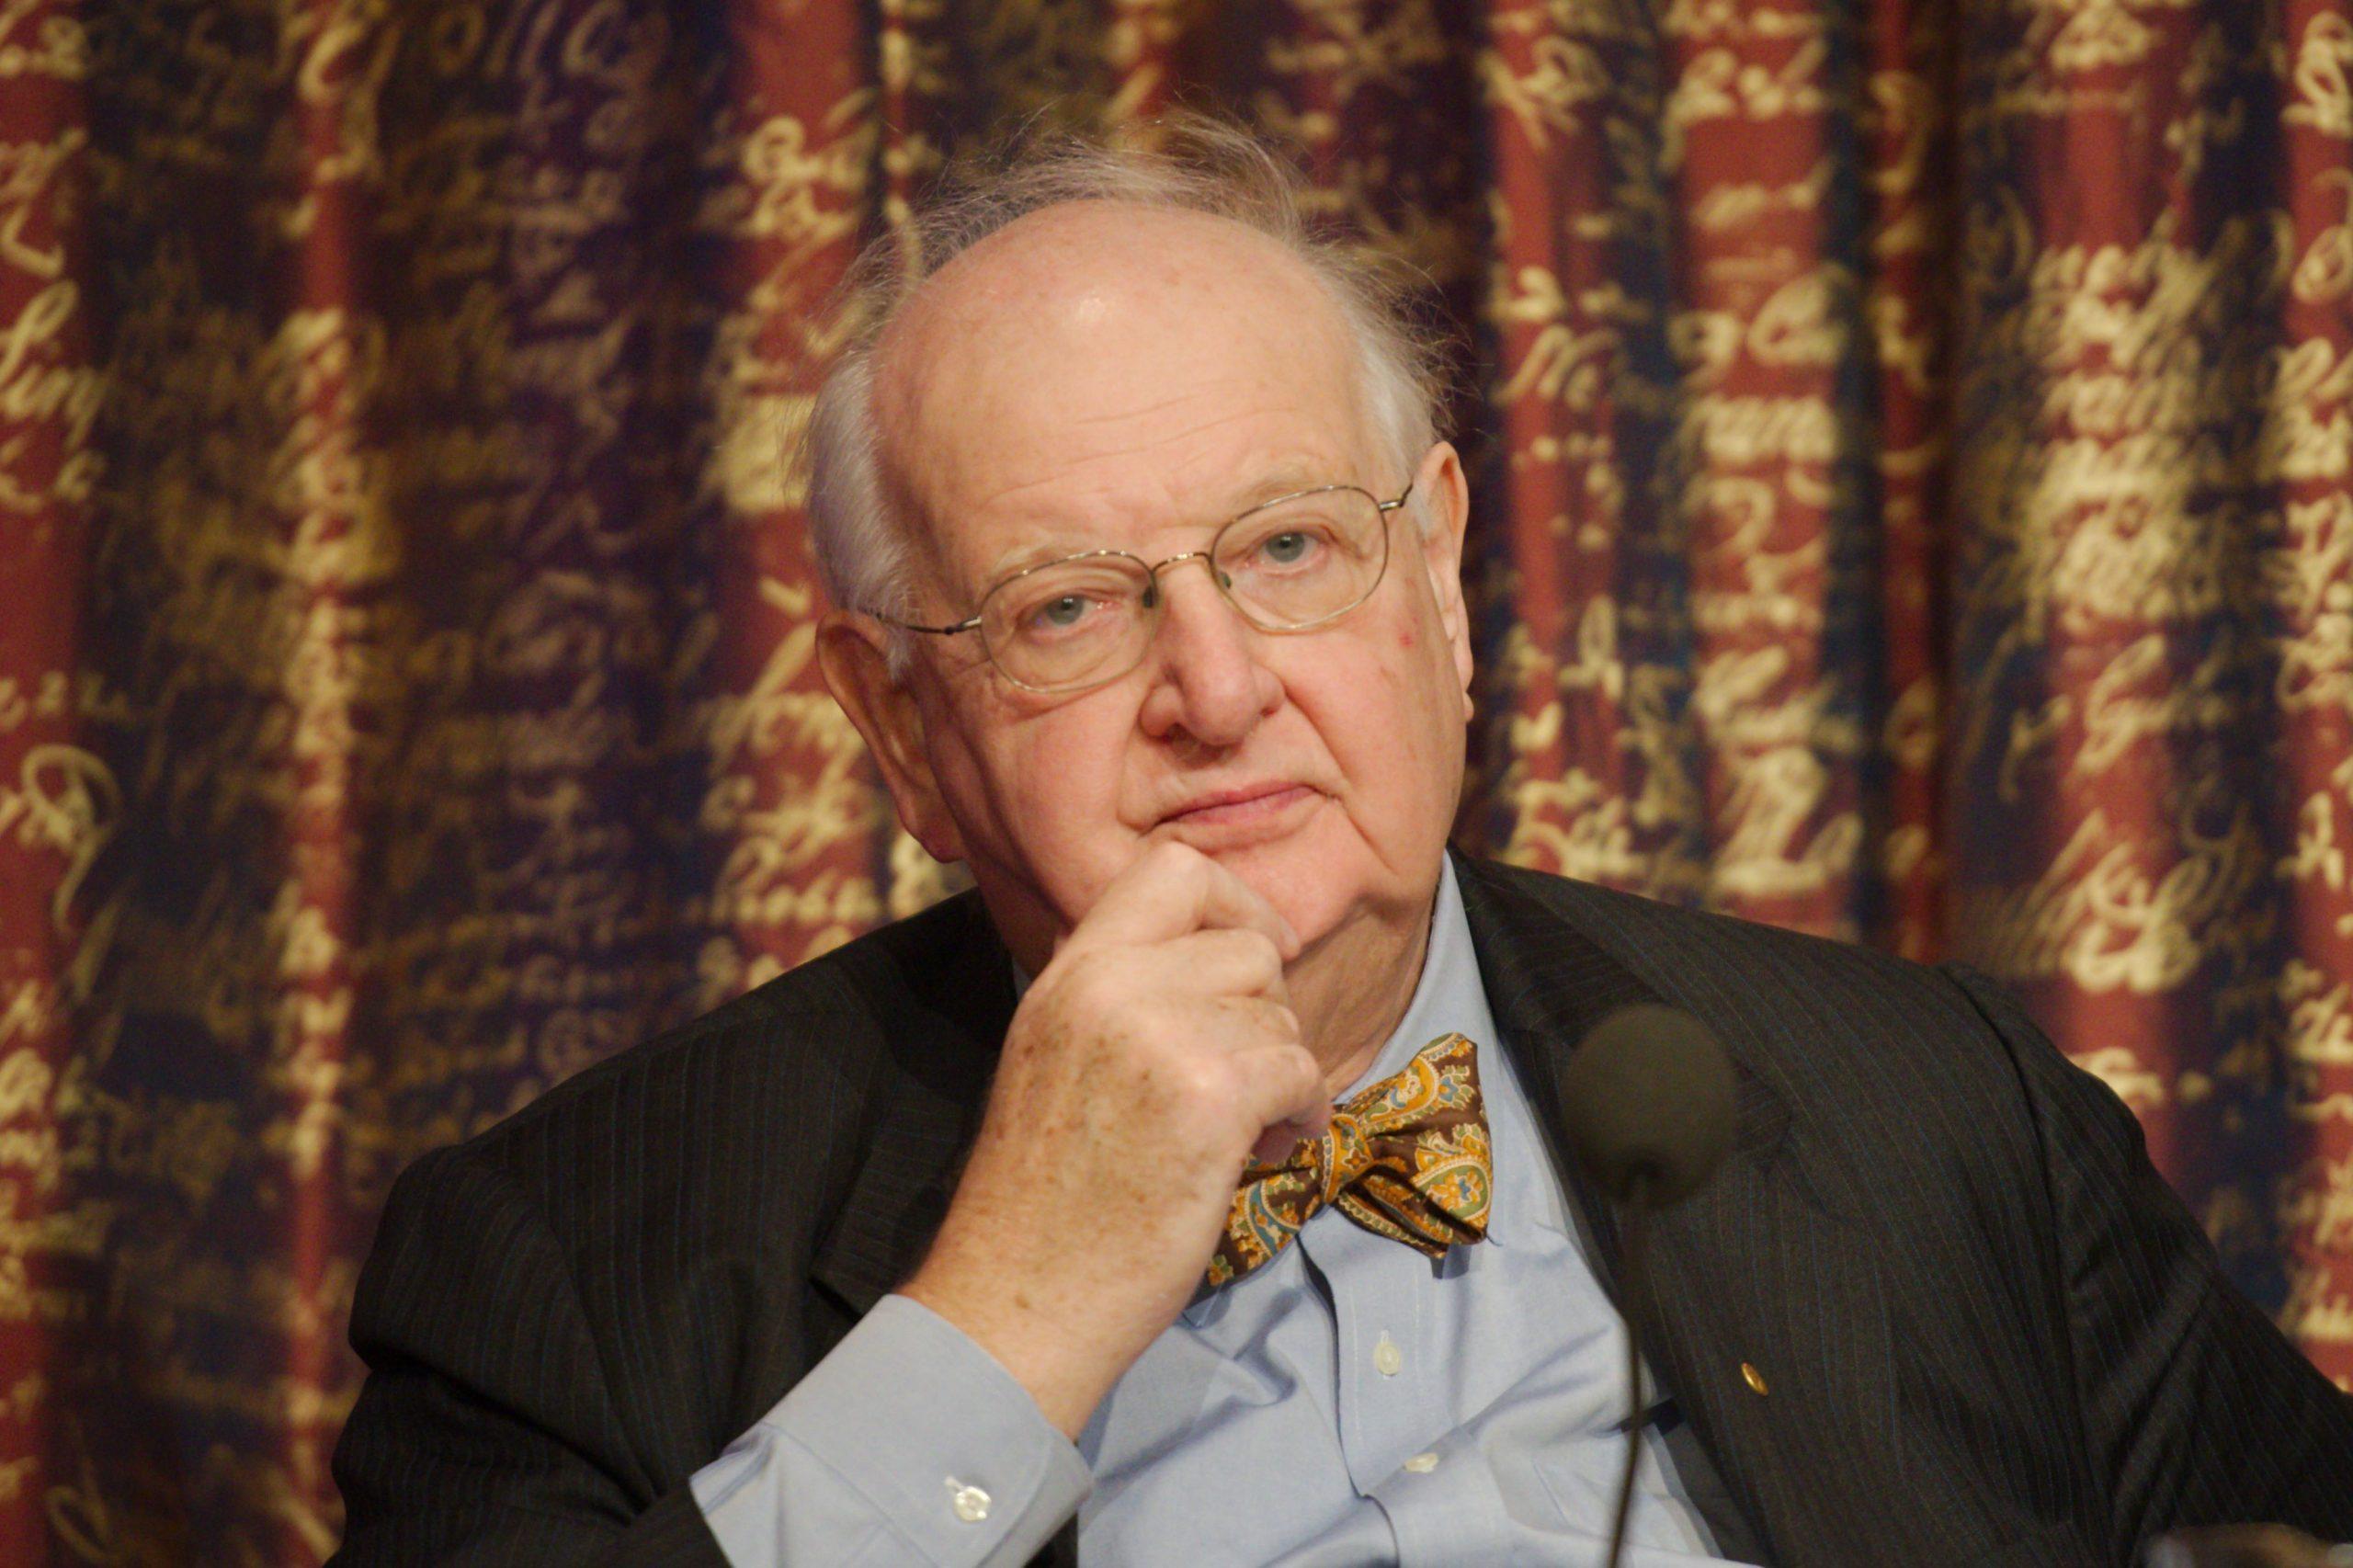 Coyuntura: El premio Nobel de Economía carga contra el impuesto del patrimonio | Autor del artículo: Finanzas.com